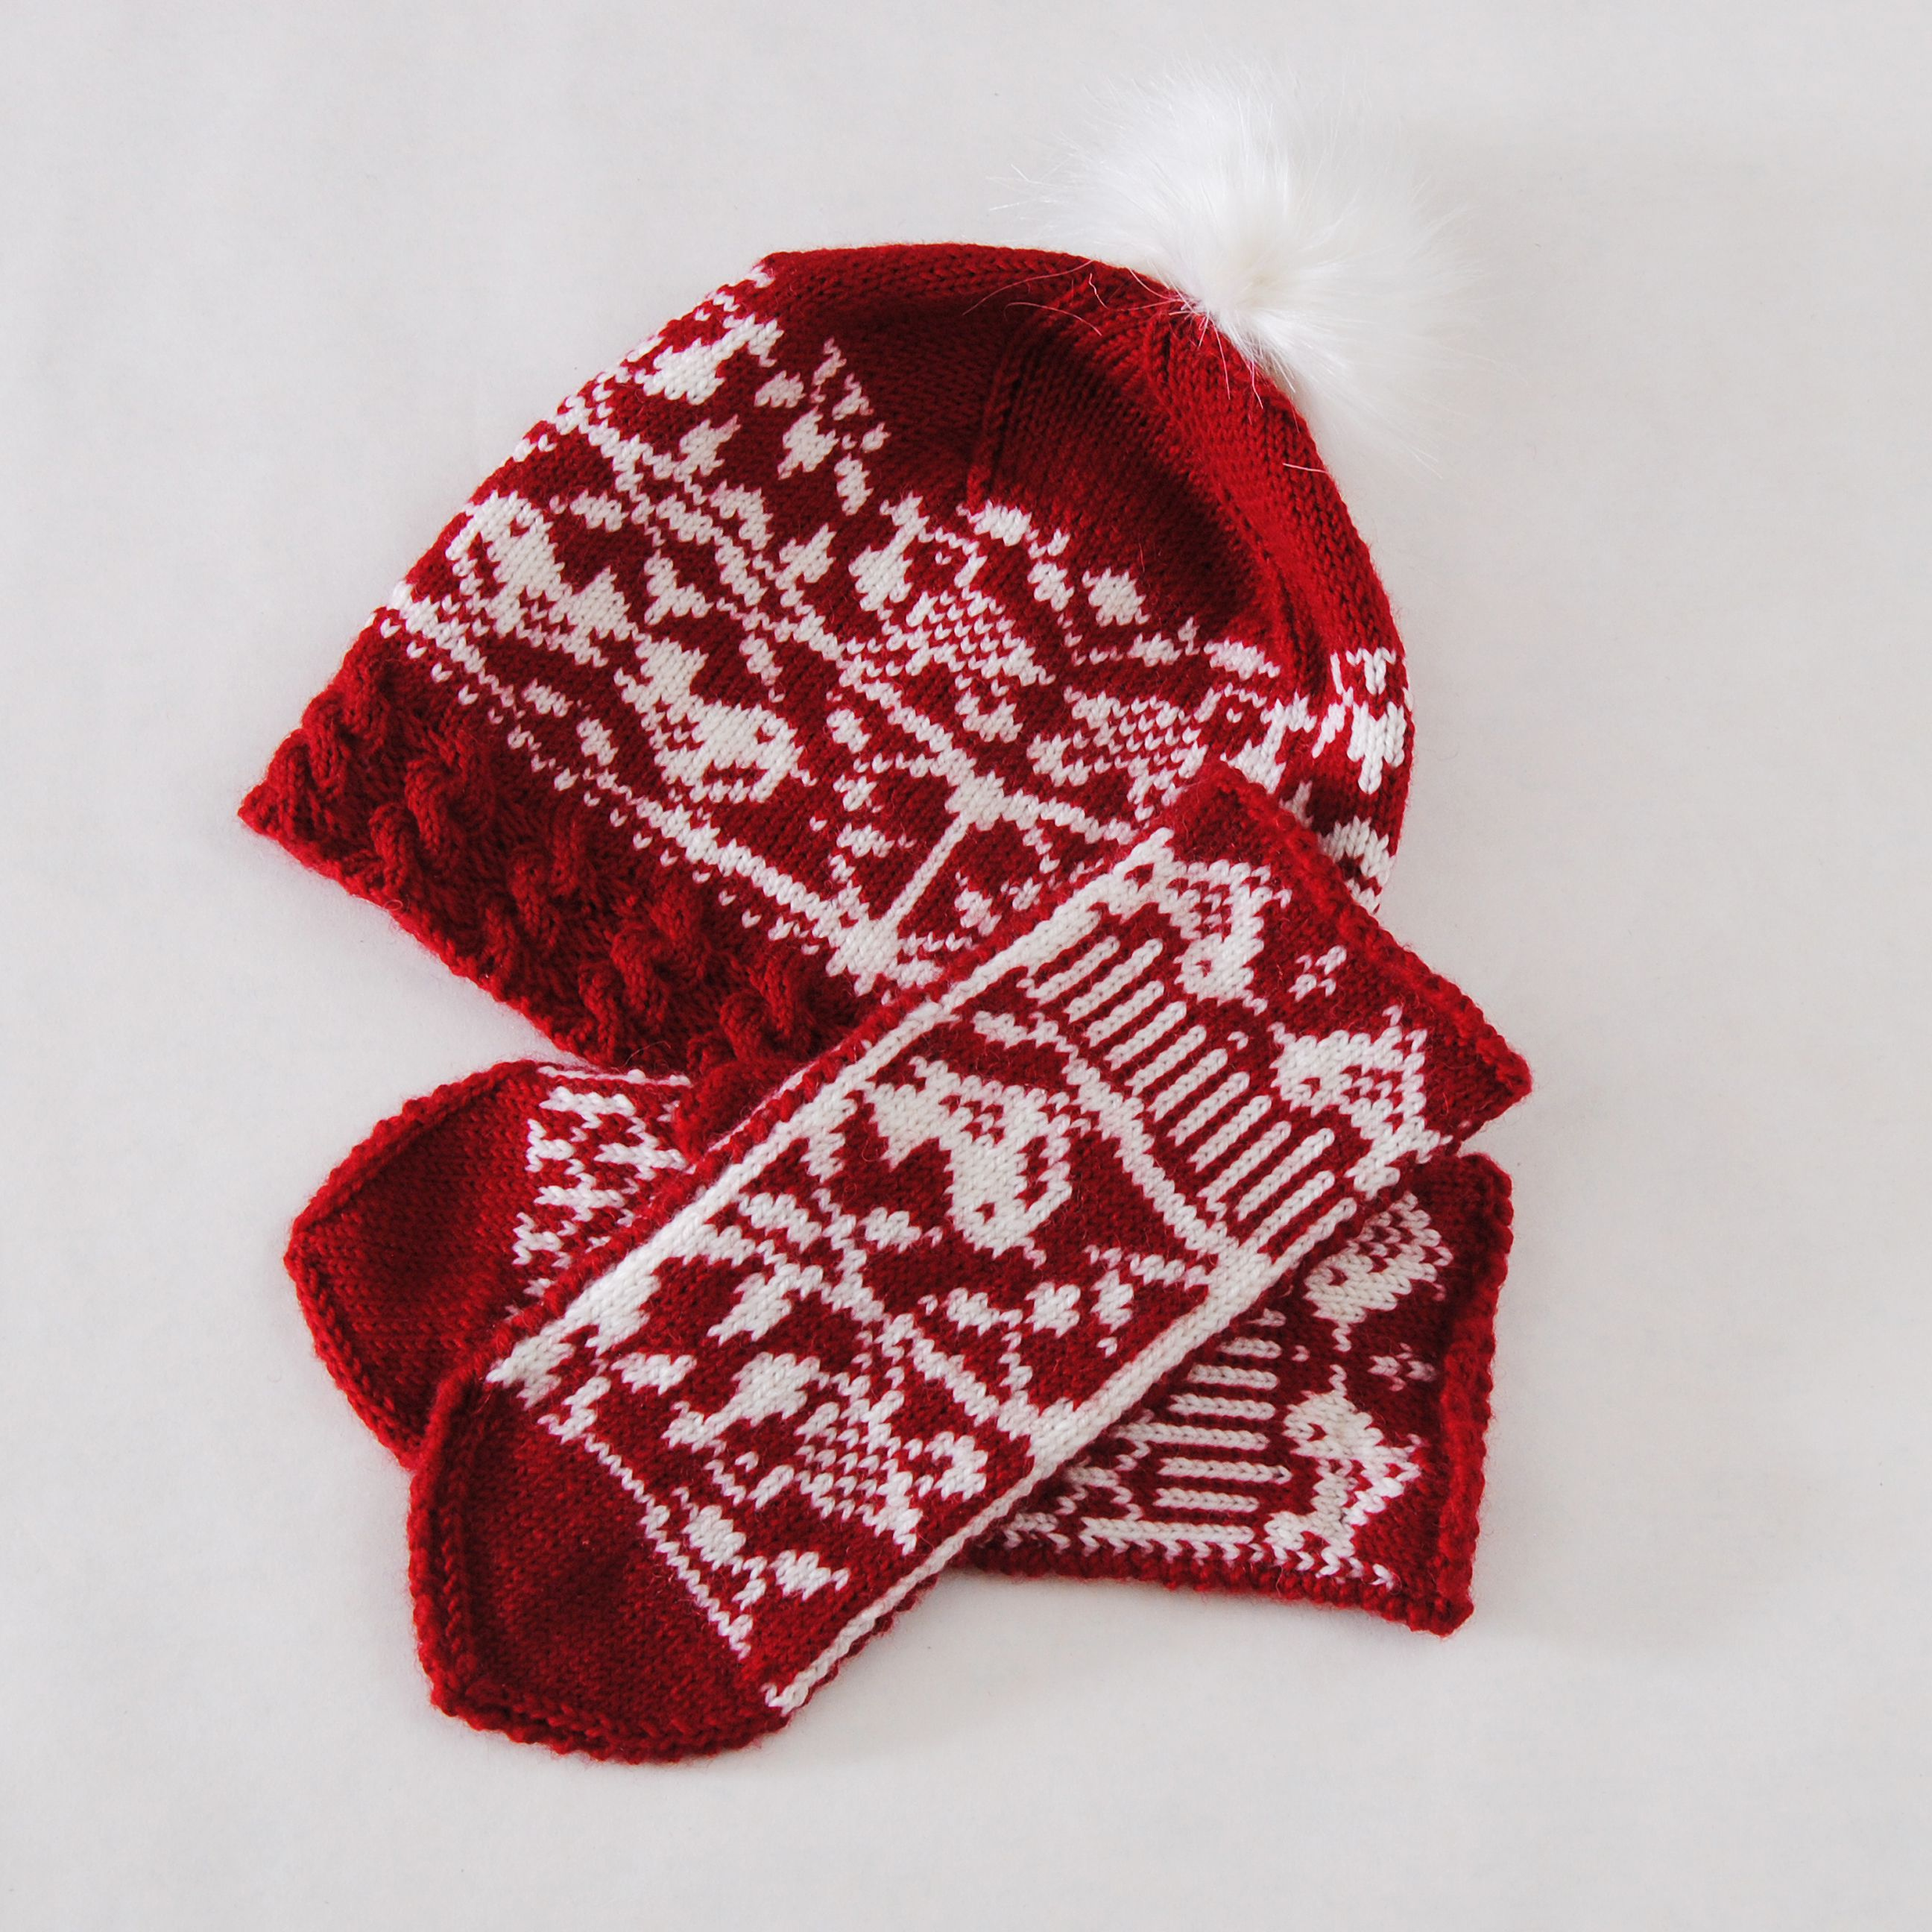 меринос белый вязаная купить орнамент шапка шерсть жаккард малиновый подарок женская